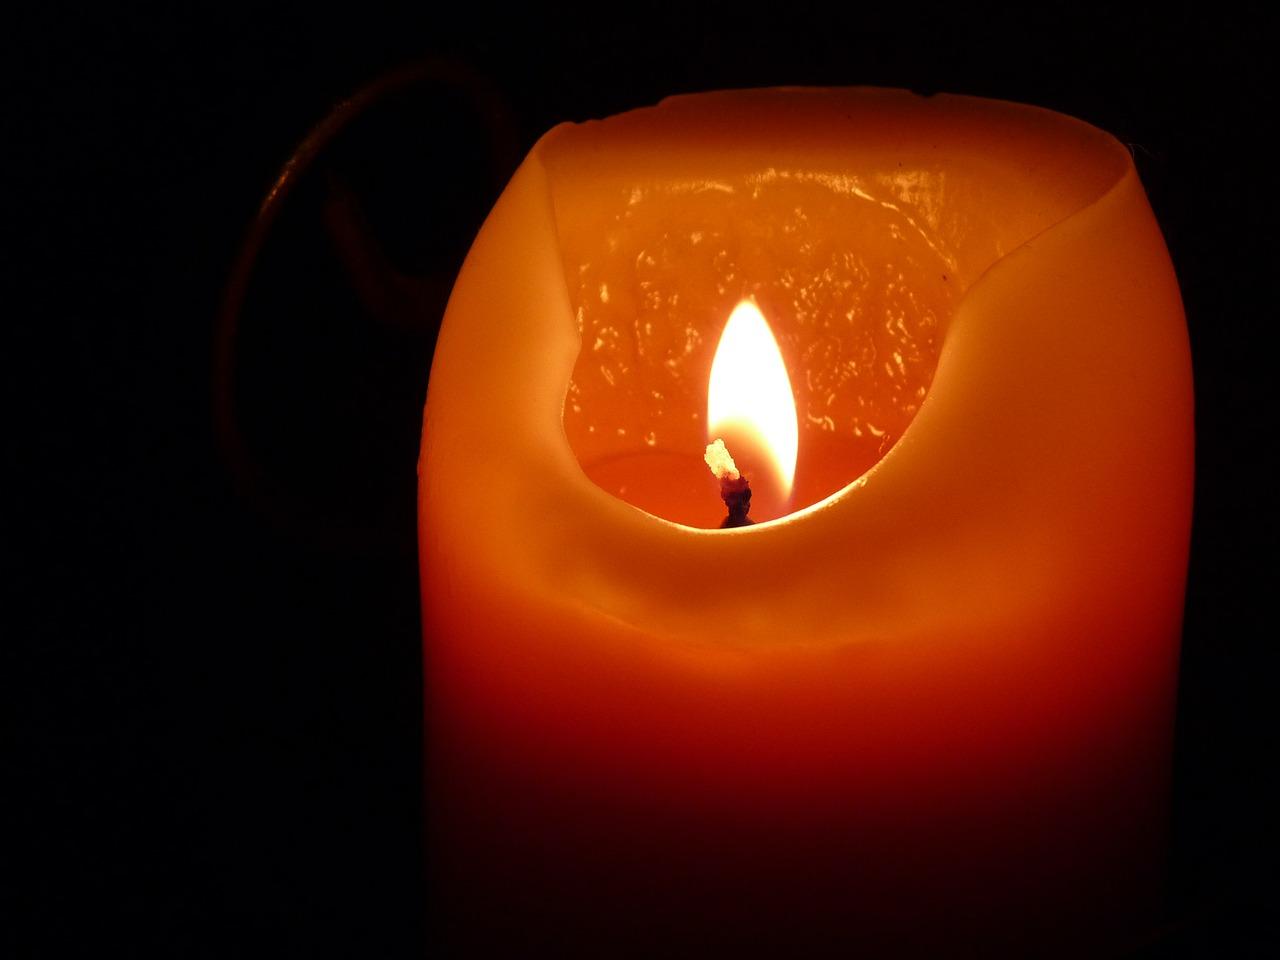 Candle_Burning